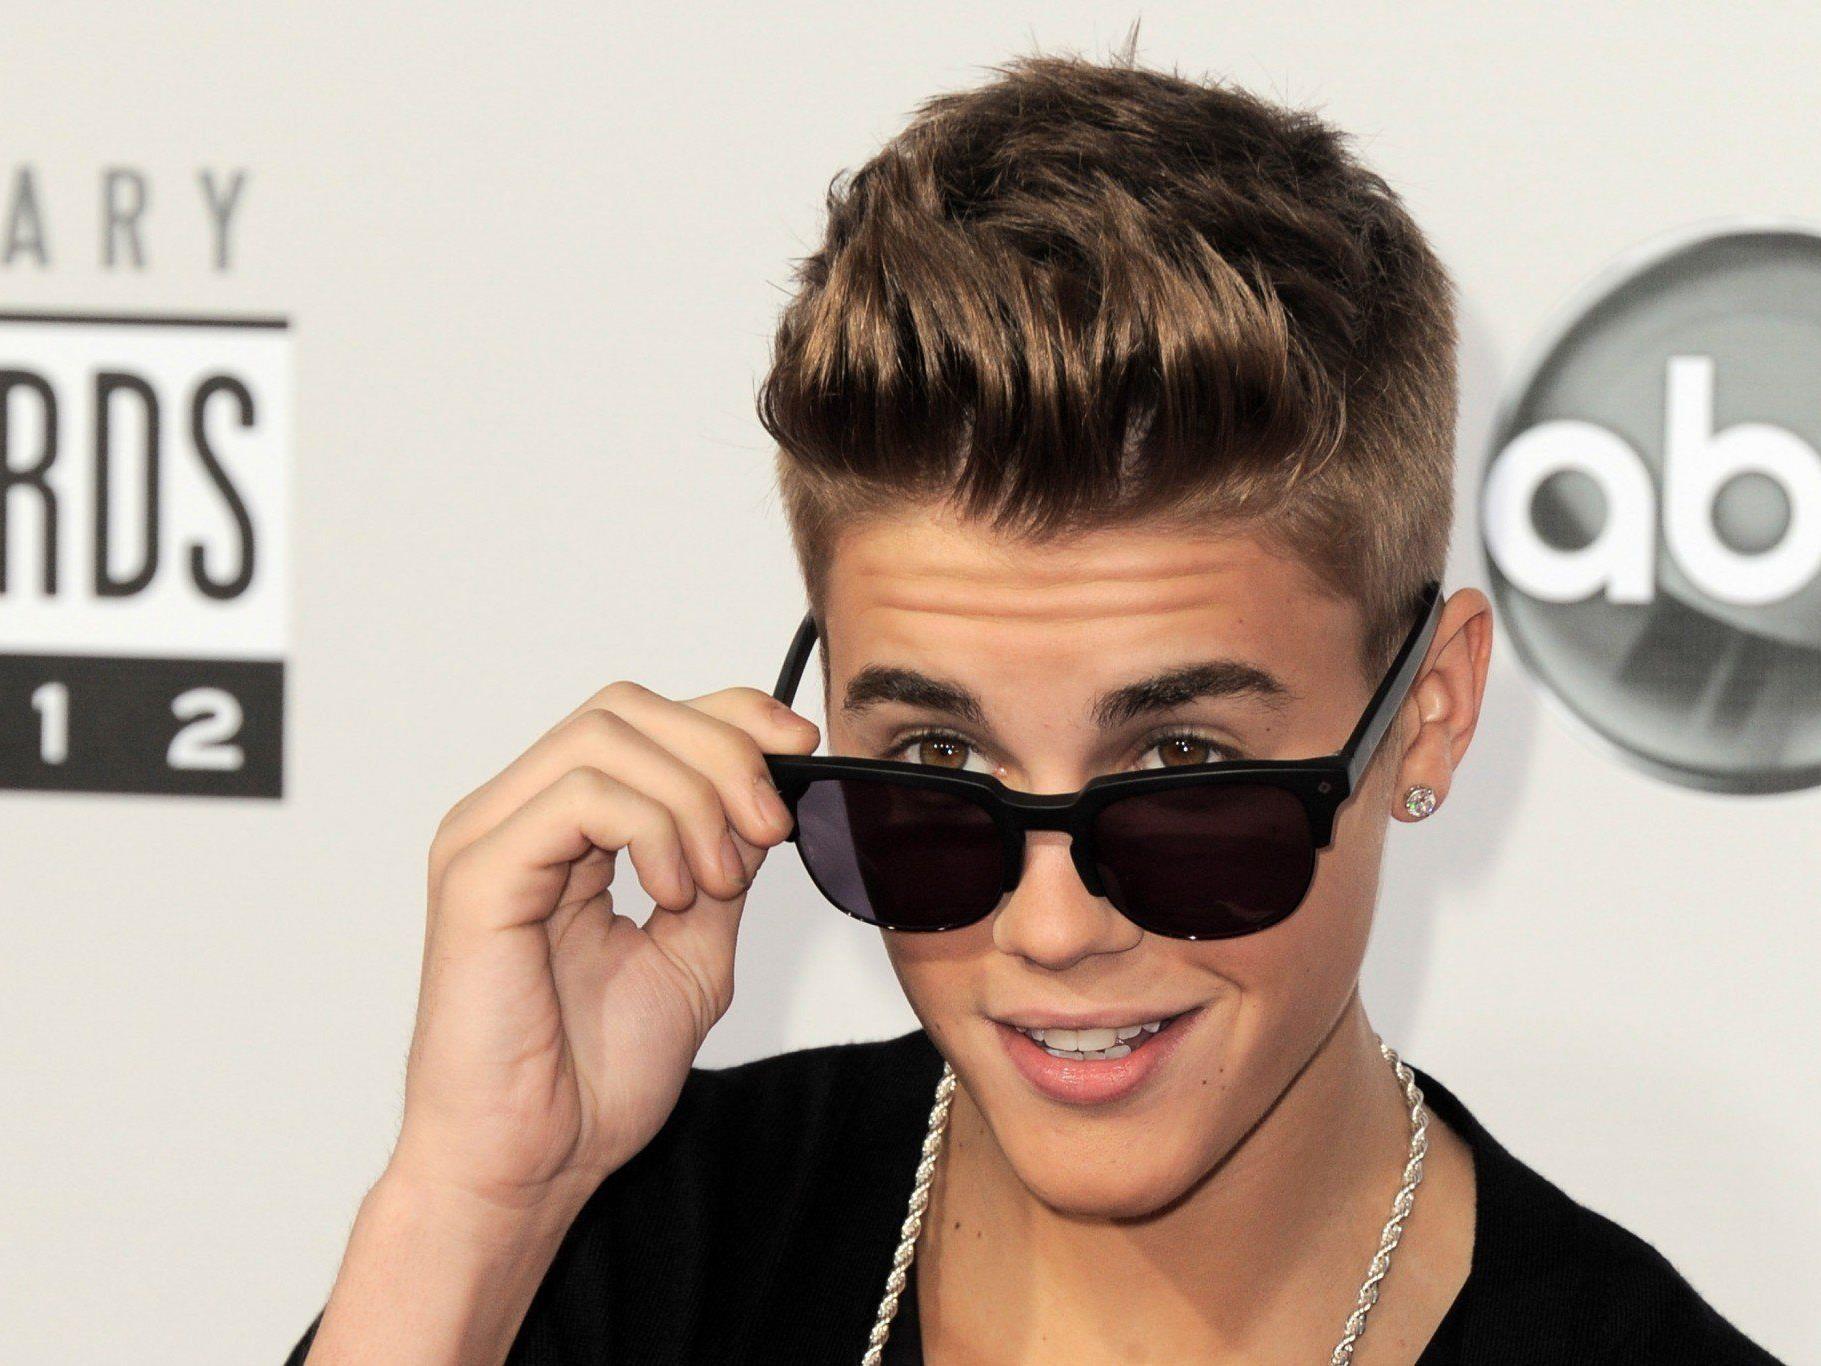 Justin Bieber erneut im Fokus der Öffentlichkeit